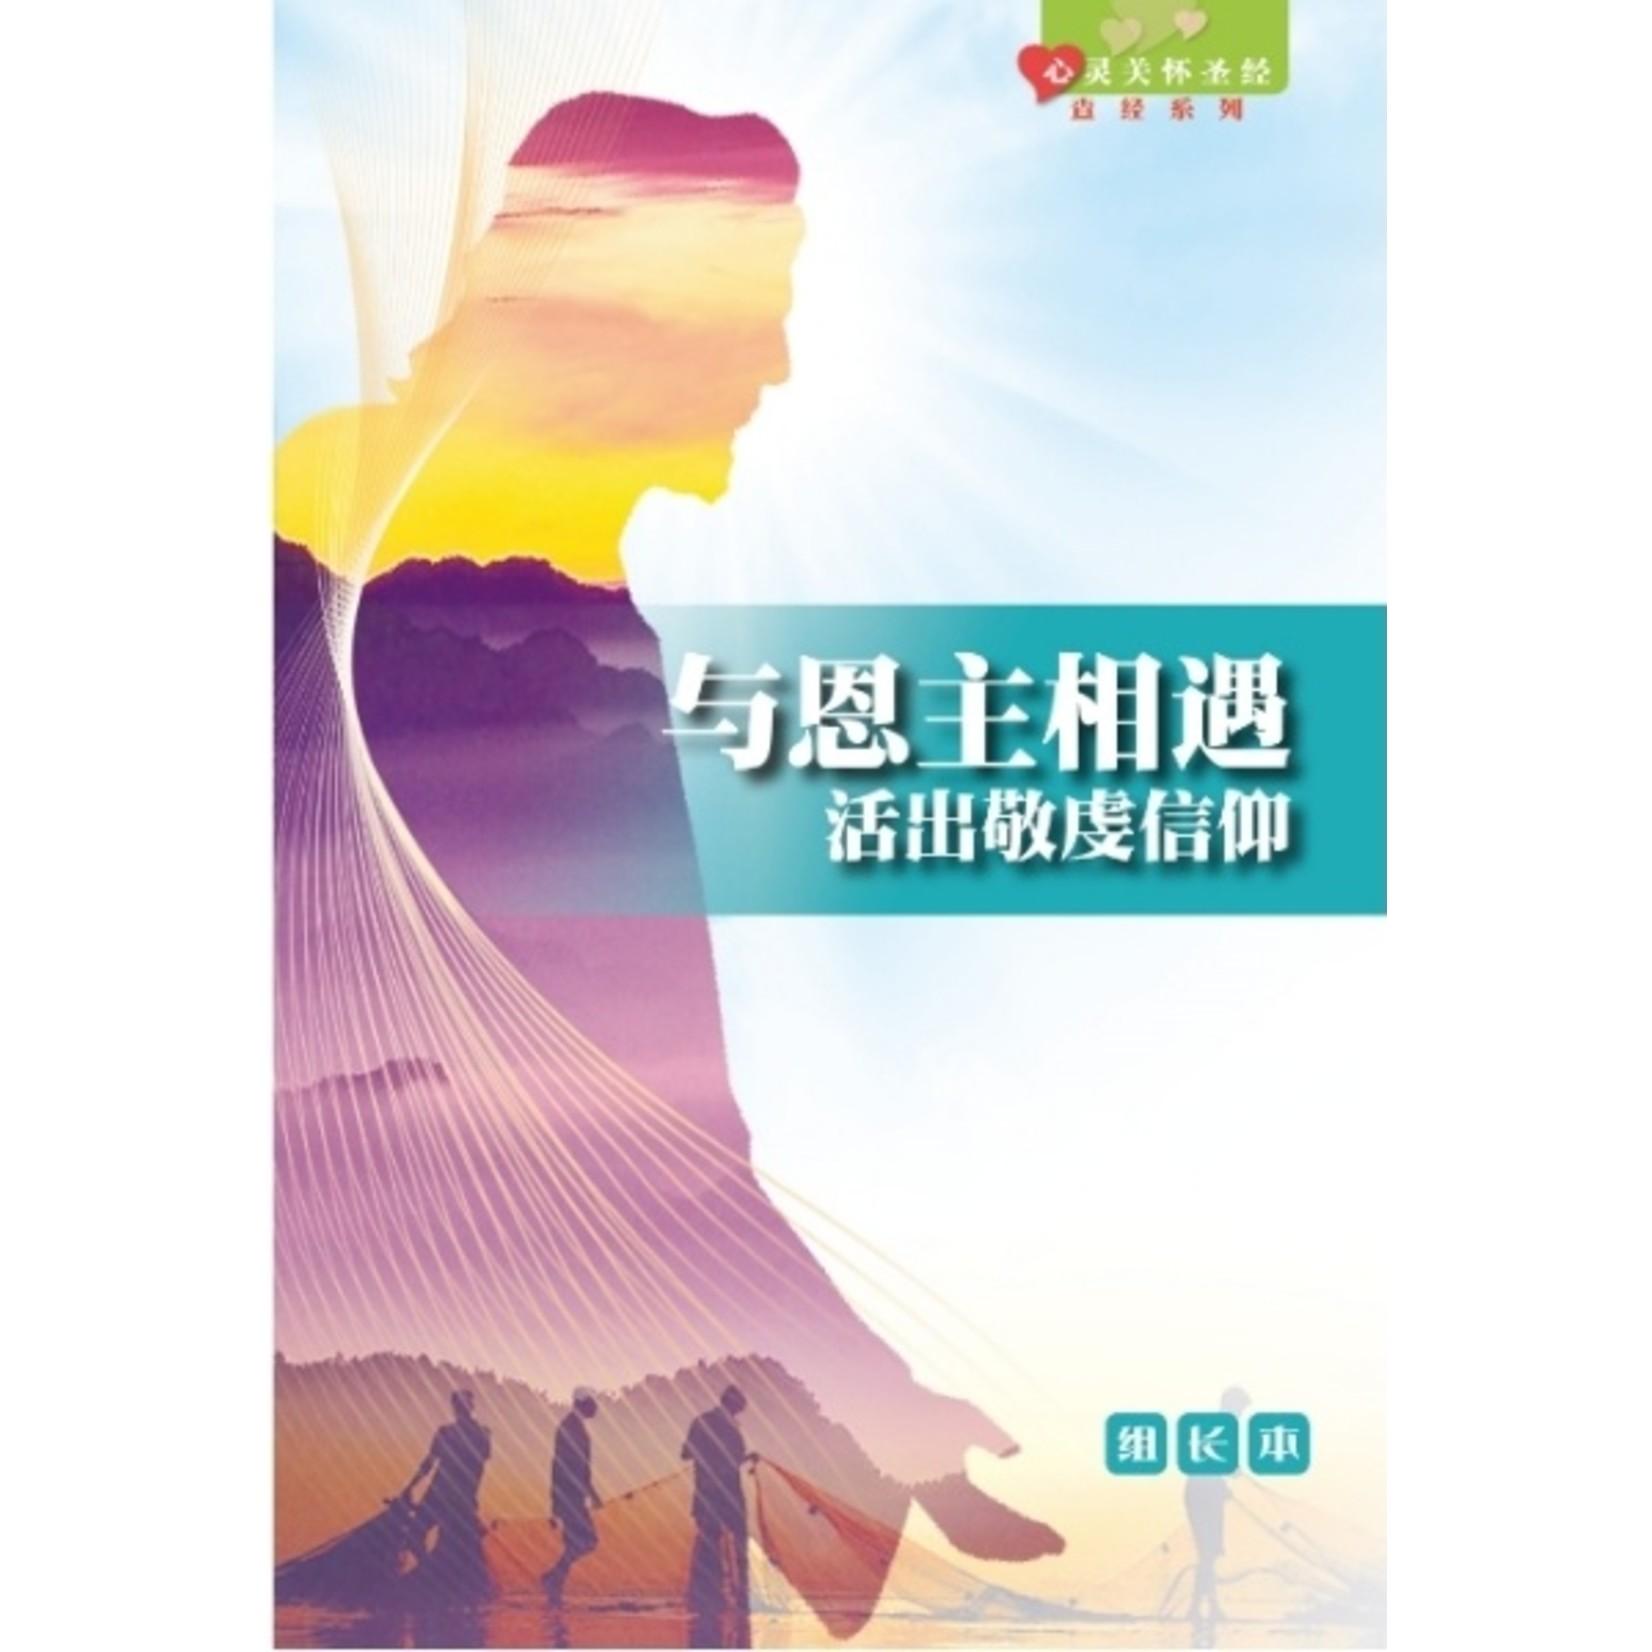 環球聖經公會 The Worldwide Bible Society 與恩主相遇:活出敬虔信仰(組長本)(簡體)